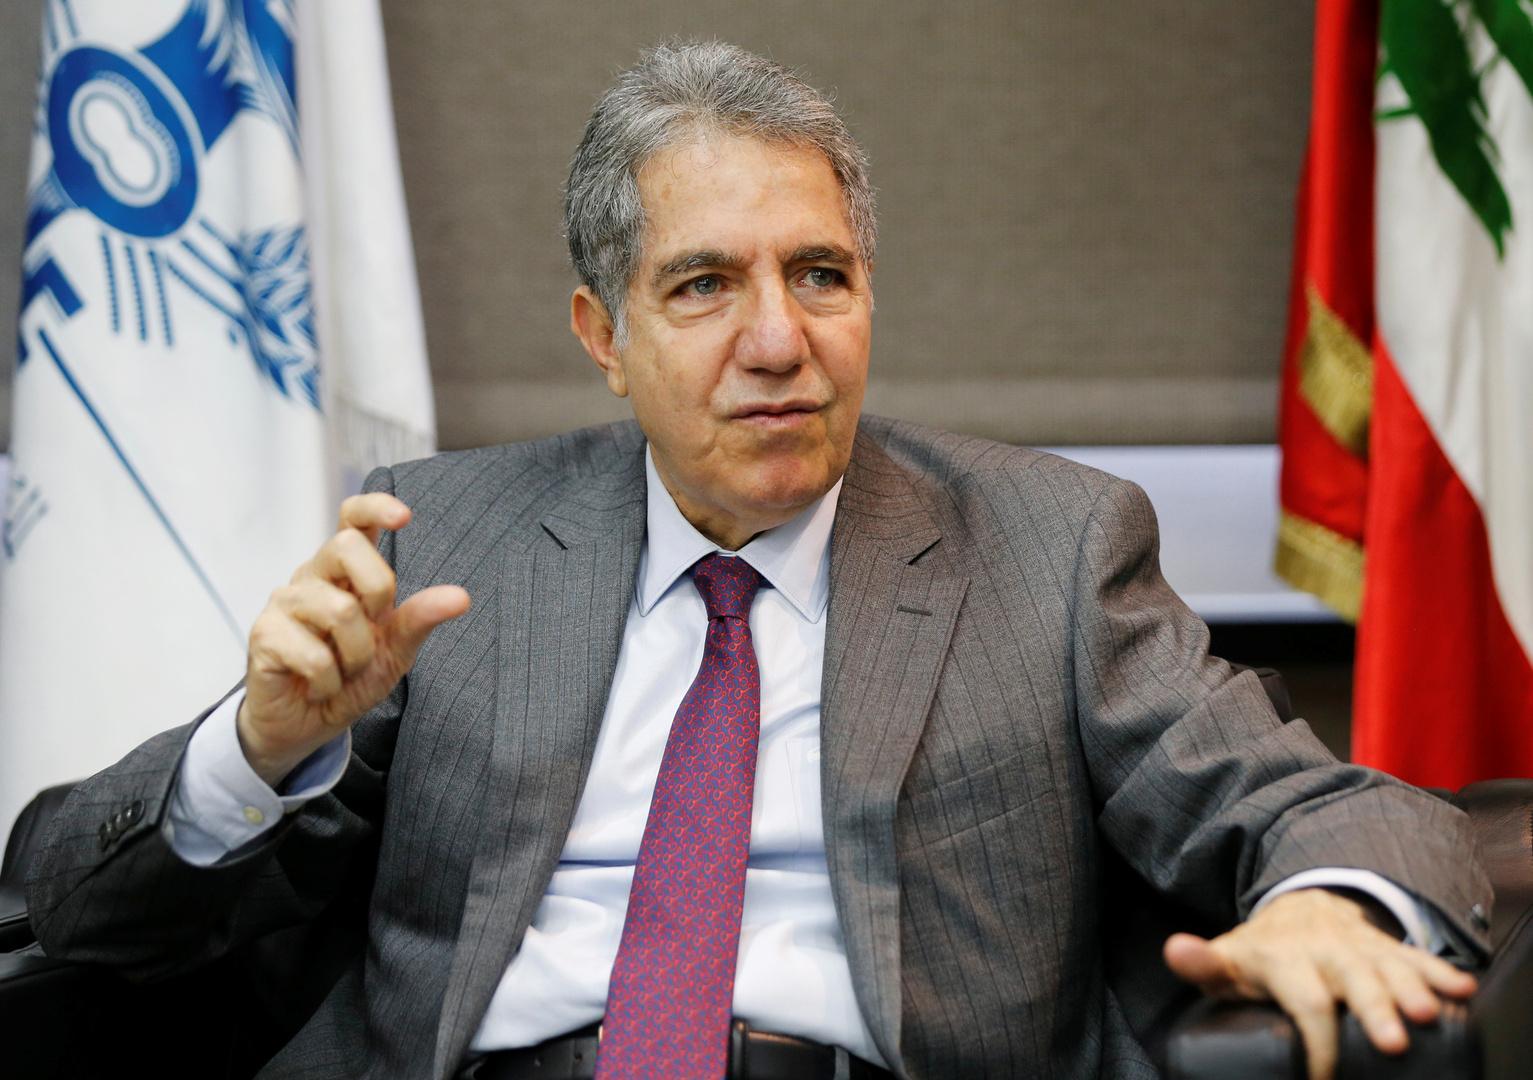 لبنان: المال المخصص لتمويل الواردات الأساسية سينفد بحلول نهاية مايو